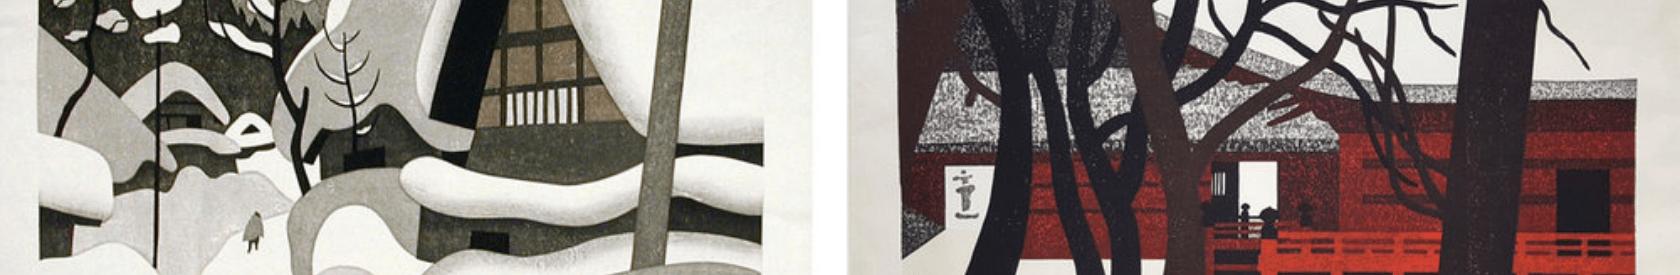 Made in Fukushima: The Woodblock Prints of Saitō Kiyoshi